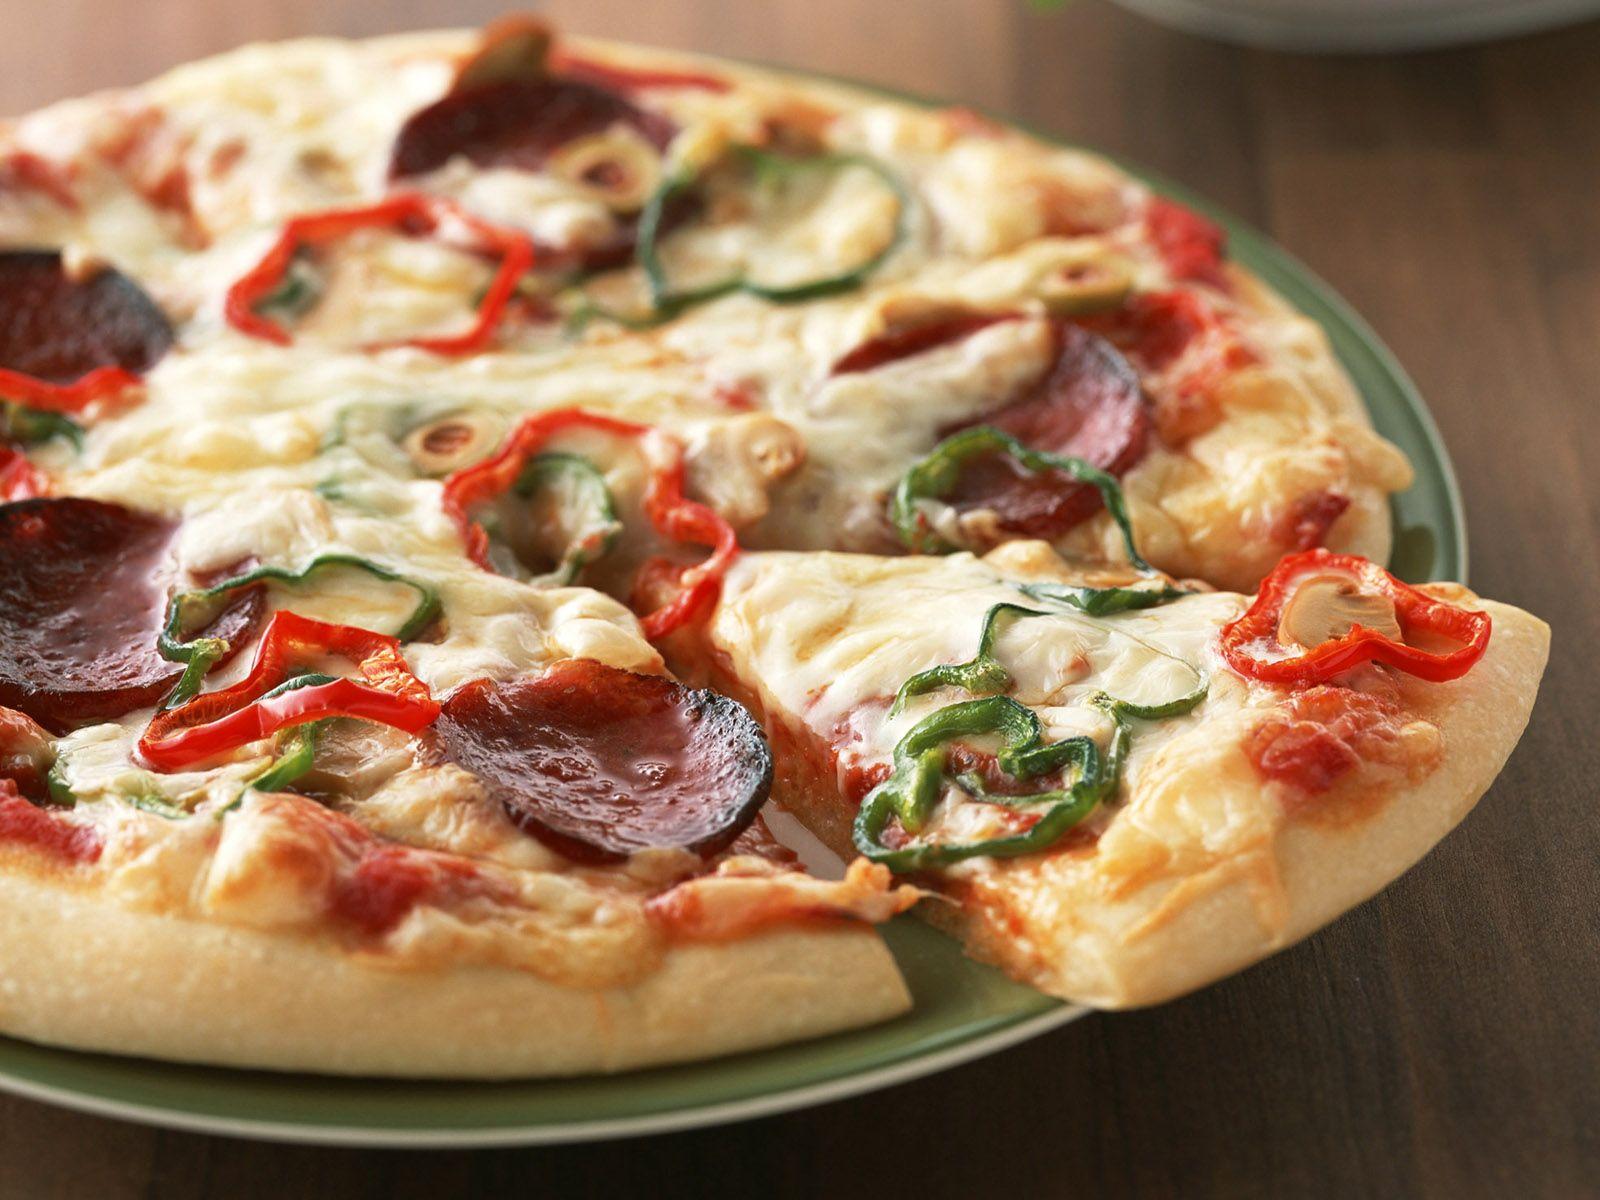 دانلود کتاب آشپزی دانلود آموزش آشپزی دانلود پخت پیتزا آموزش درست کردن پیتزا آموزش طبخ آبزیان آموزش آشپزی دانلود آشپزی دانلود کتاب پختن پیتزا درست کردن پیتزا